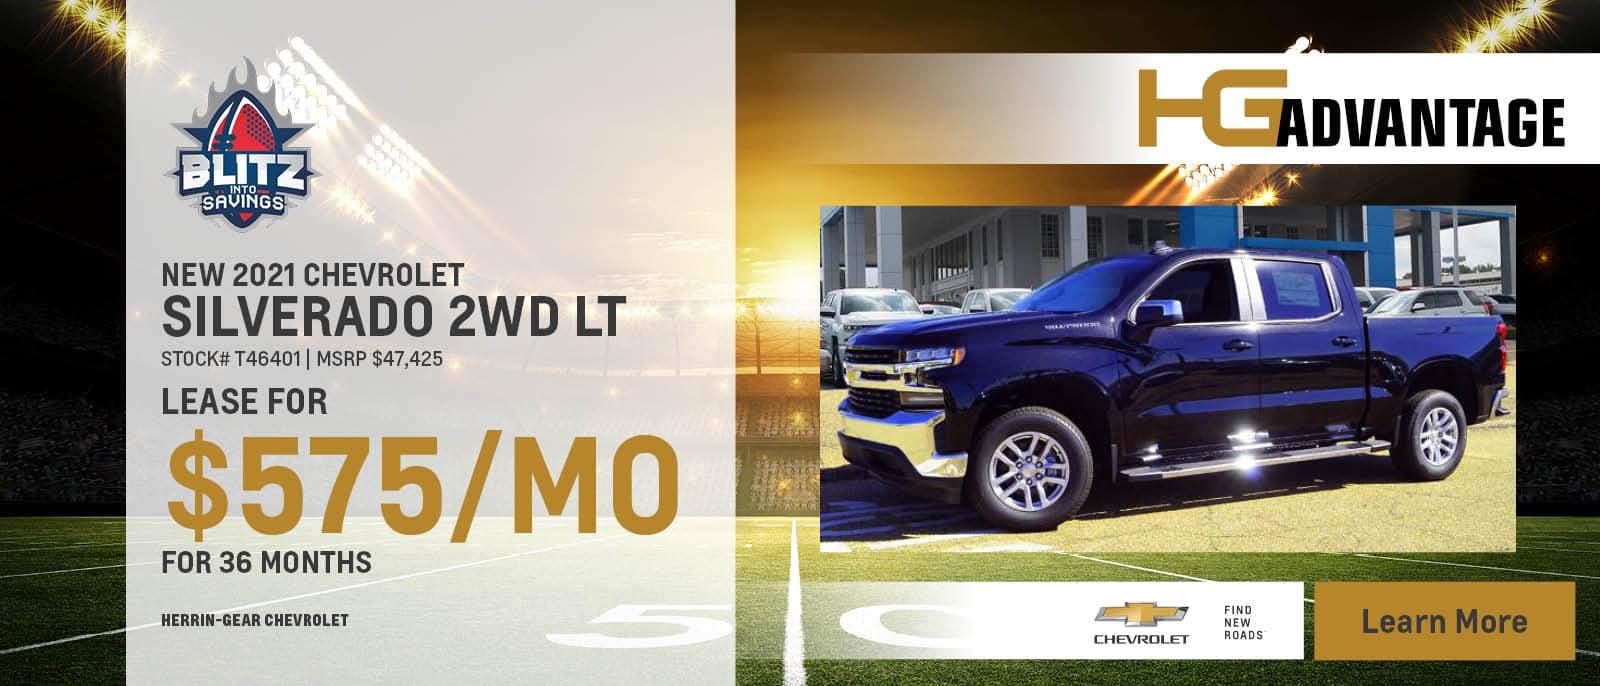 2021 Chevy Silverado 2WD LT